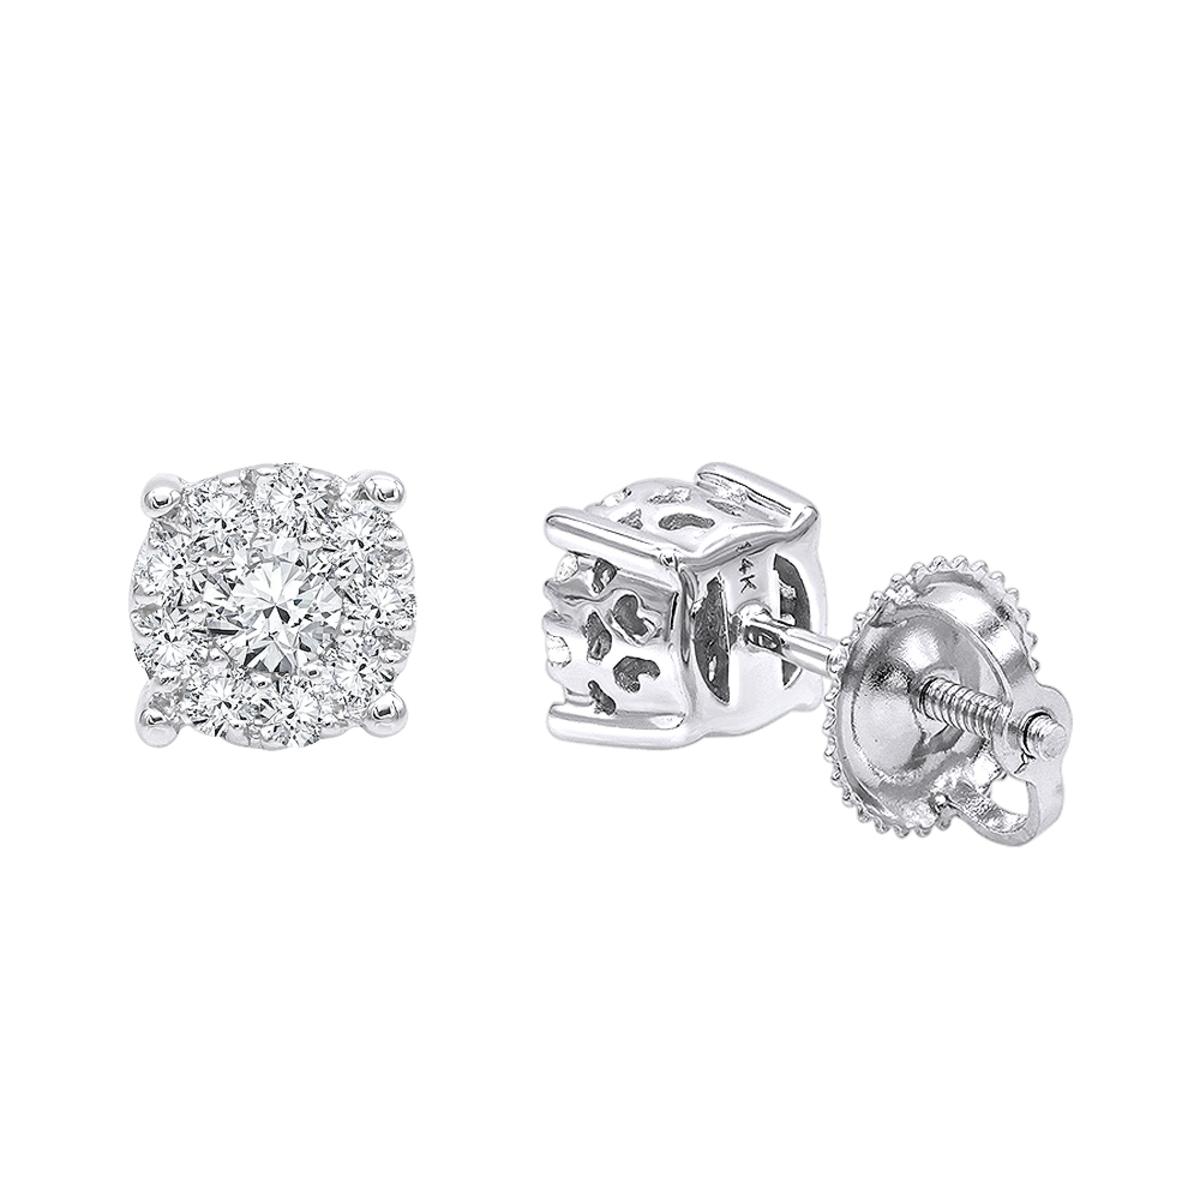 14K Gold Cluster Diamond Stud Earrings 0.35ct by Luxurman